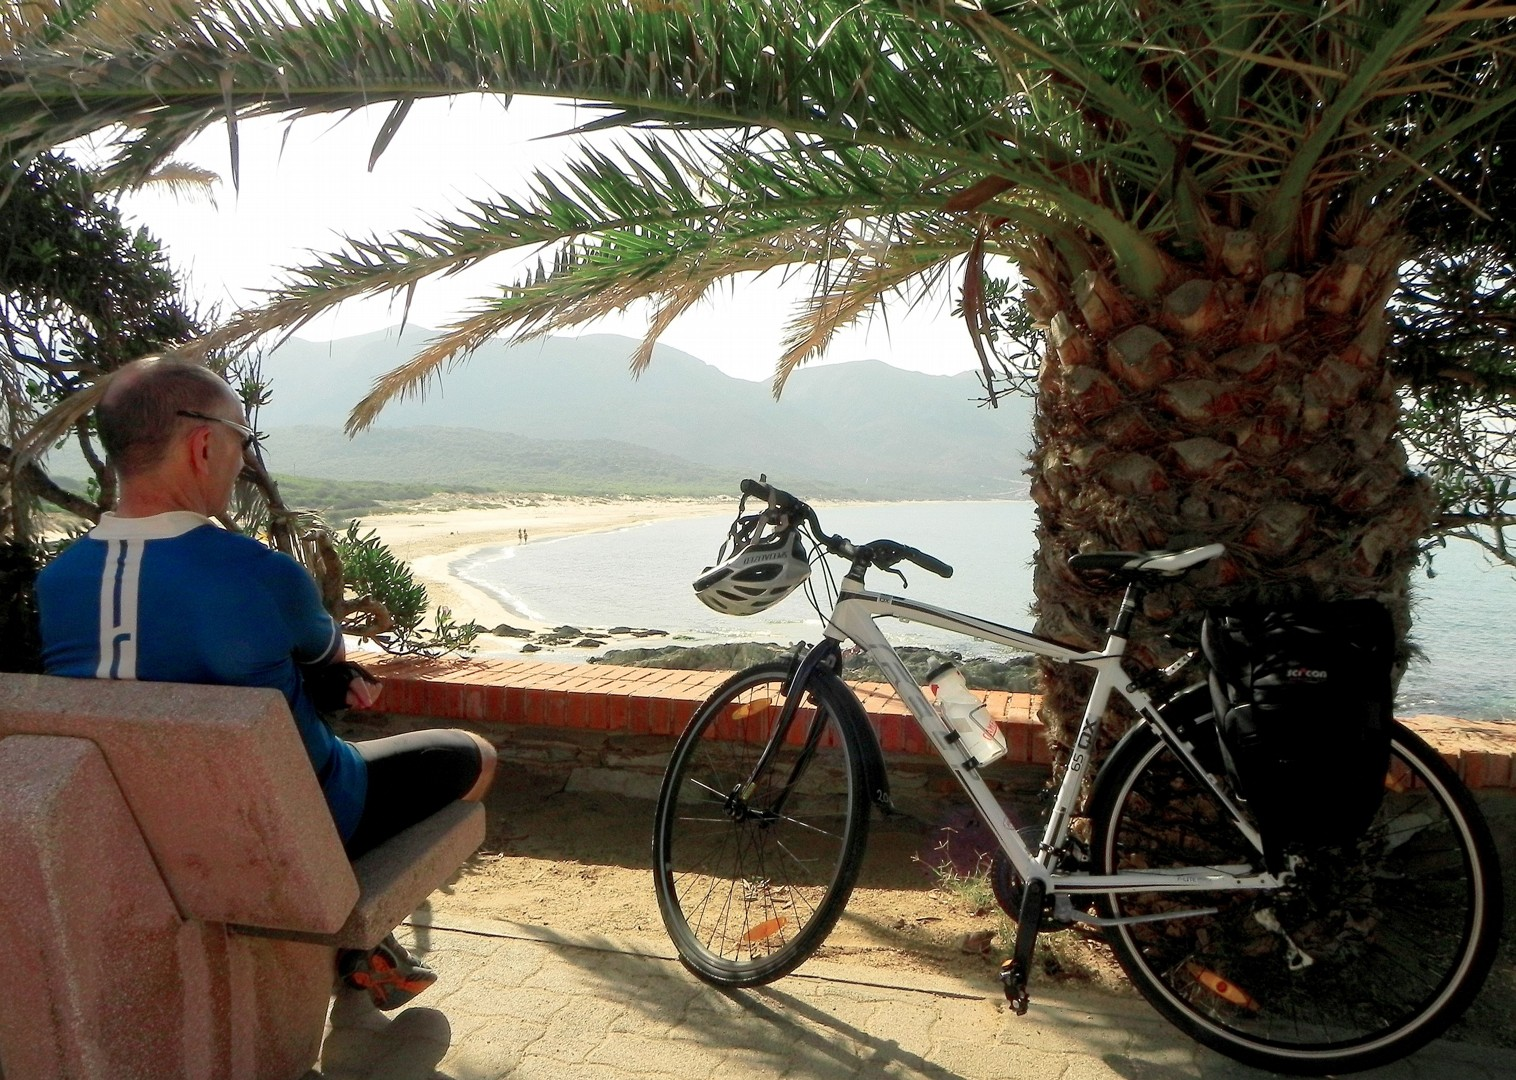 sea-views-island-cycling-tour-sardinia.jpg - Italy - Sardinia - Island Flavours - Leisure Cycling